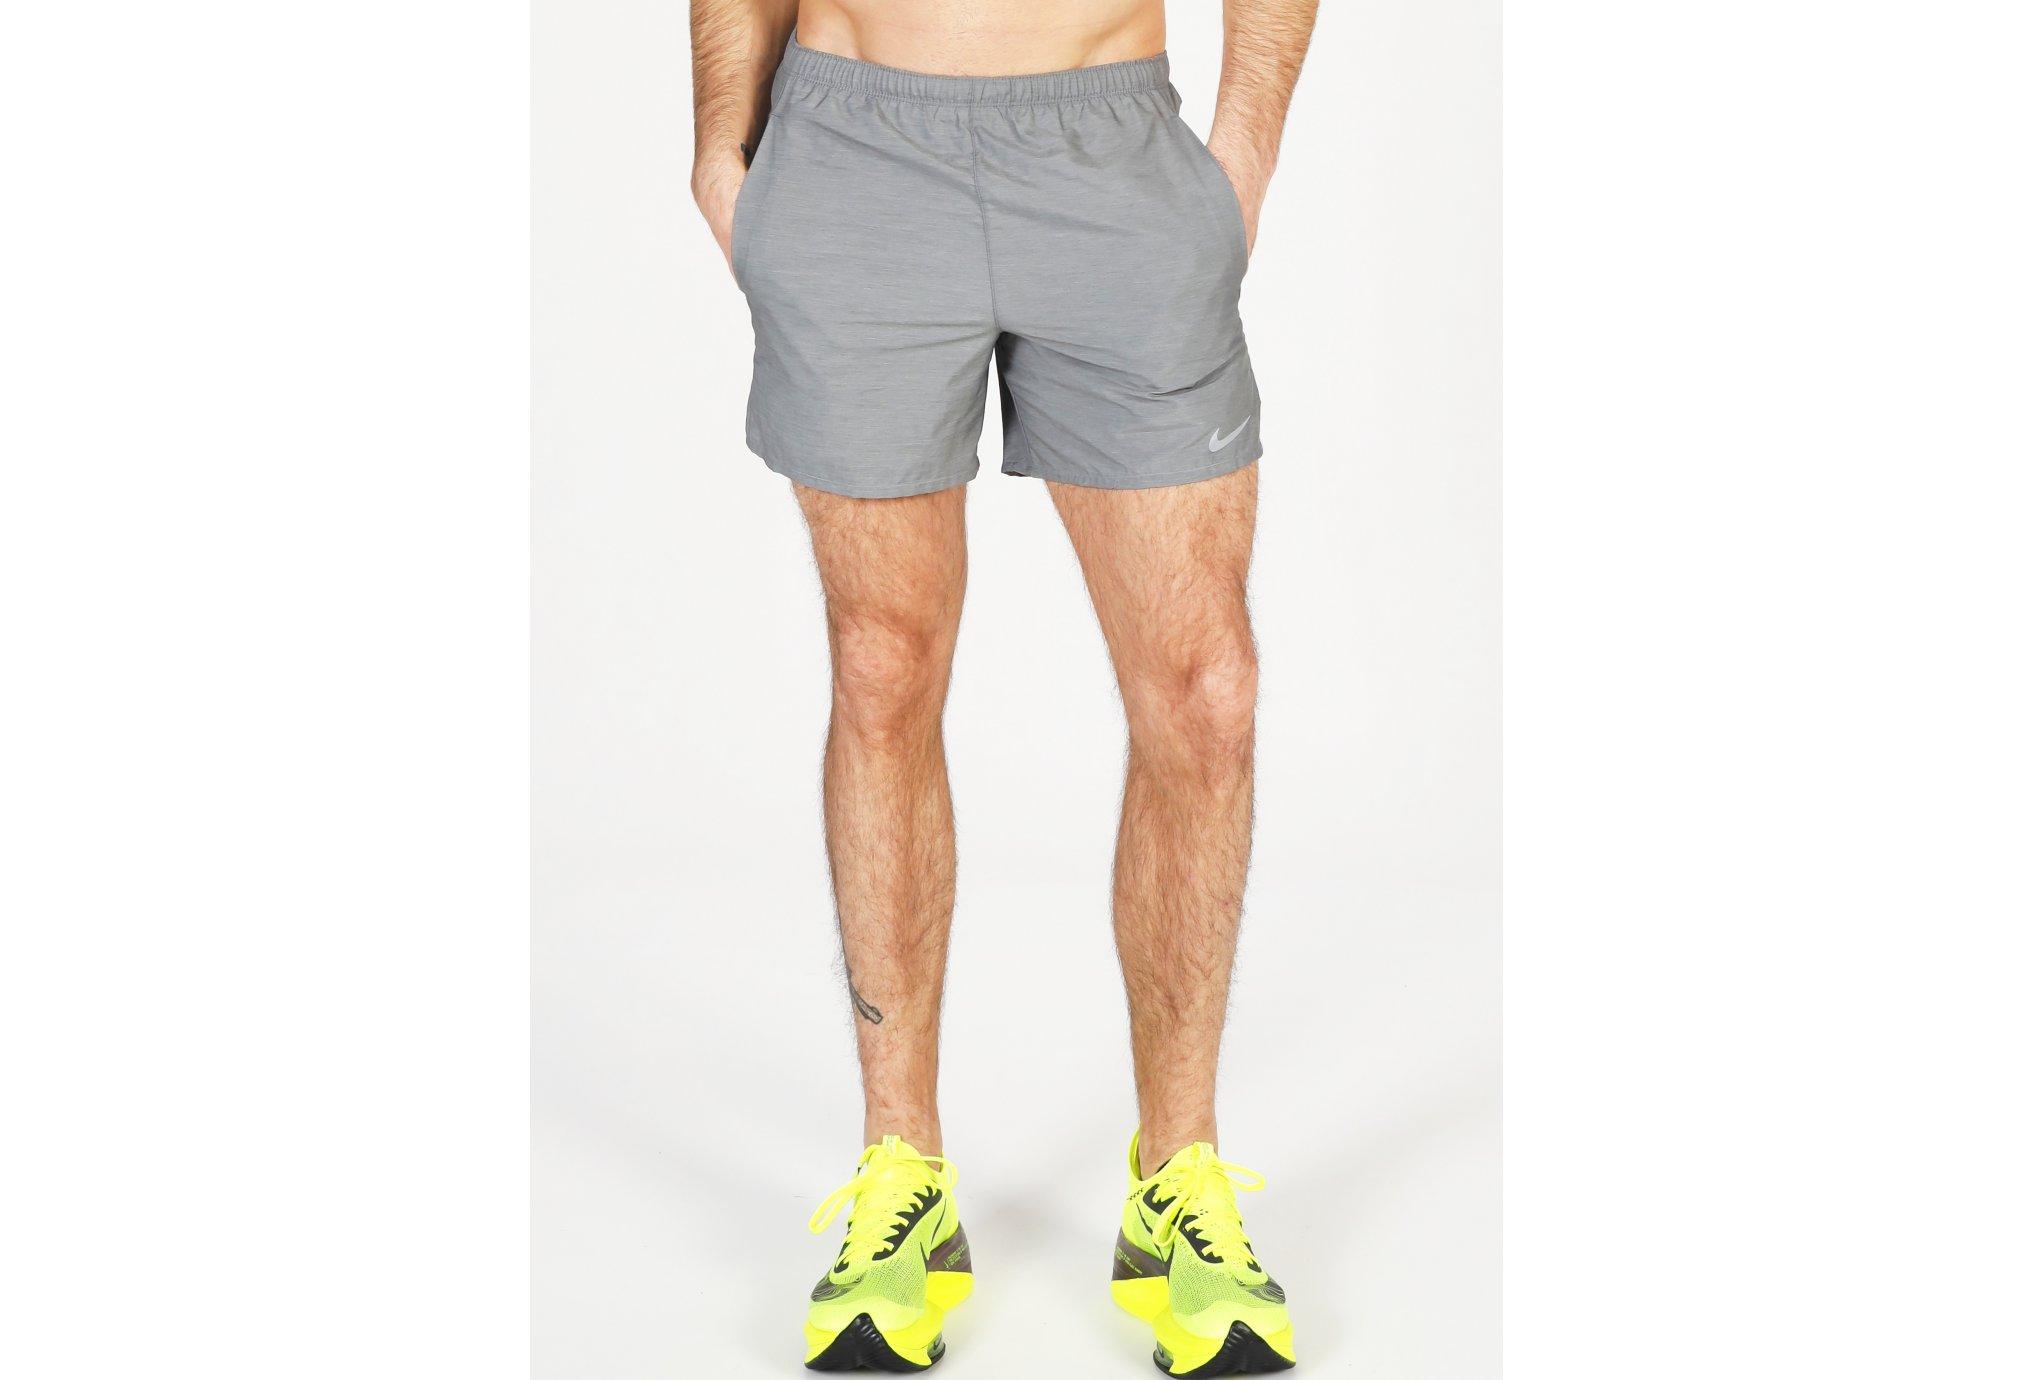 Nike Challenger 2 en 1 M vêtement running homme